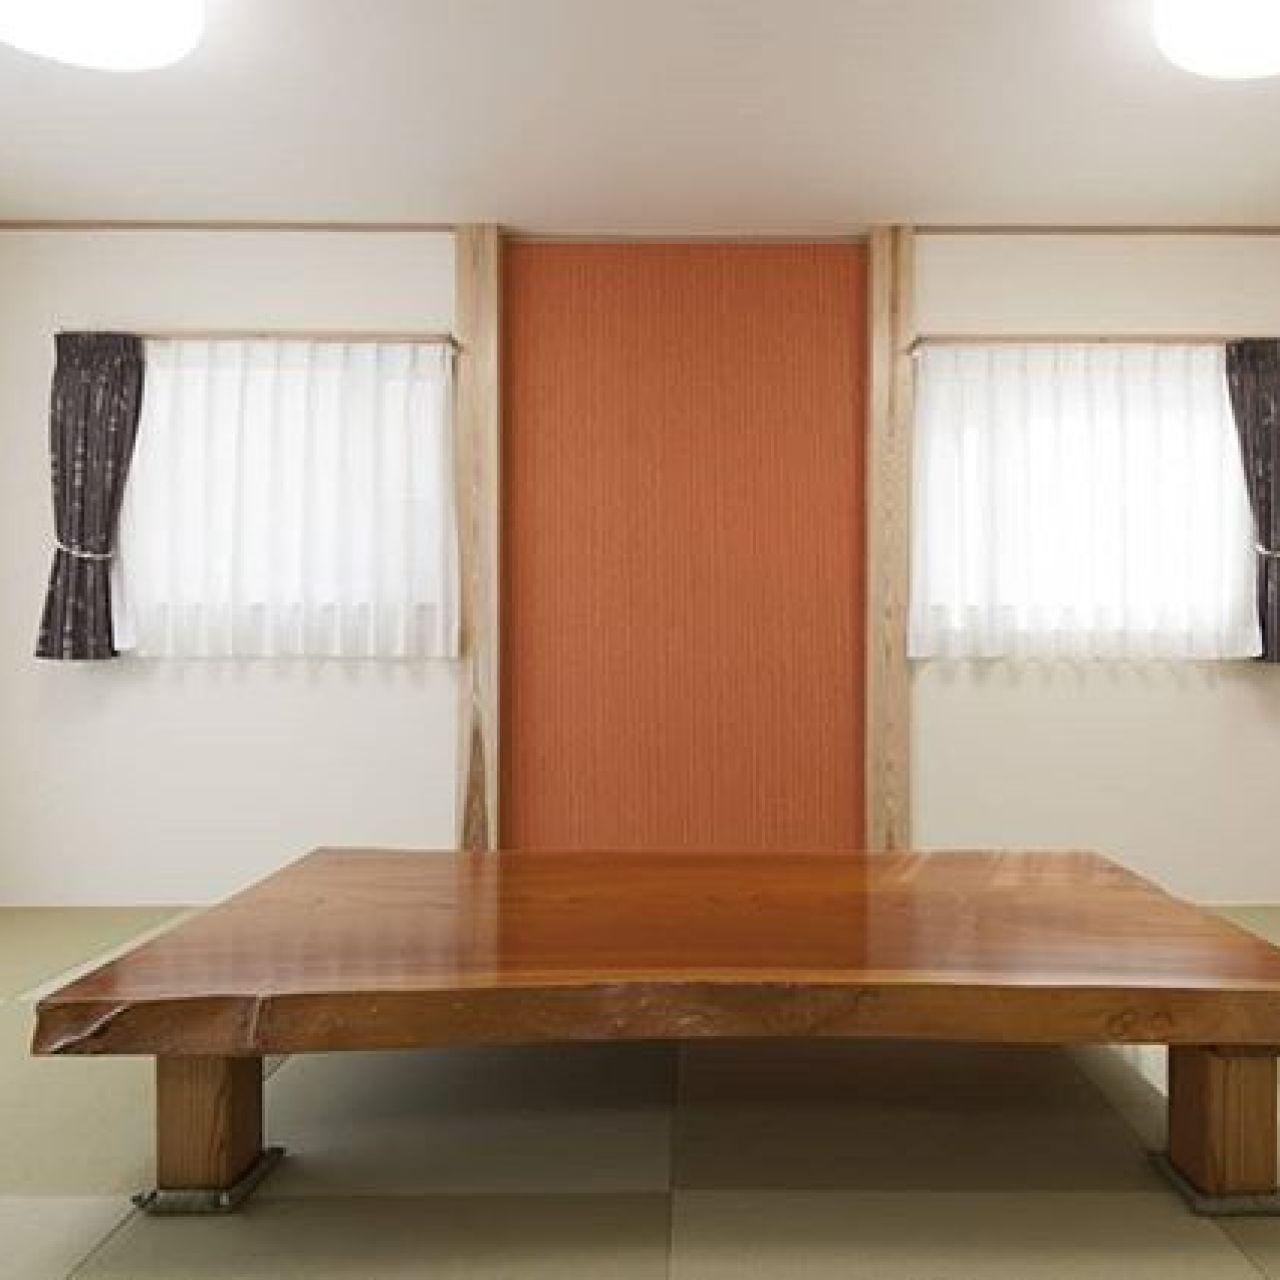 モダン和室に無垢の板のテーブル。#モダン和室 #和室#スイス漆喰#漆喰#無垢板#テーブル#座卓#自然素材#化粧柱#左官壁#注文住宅